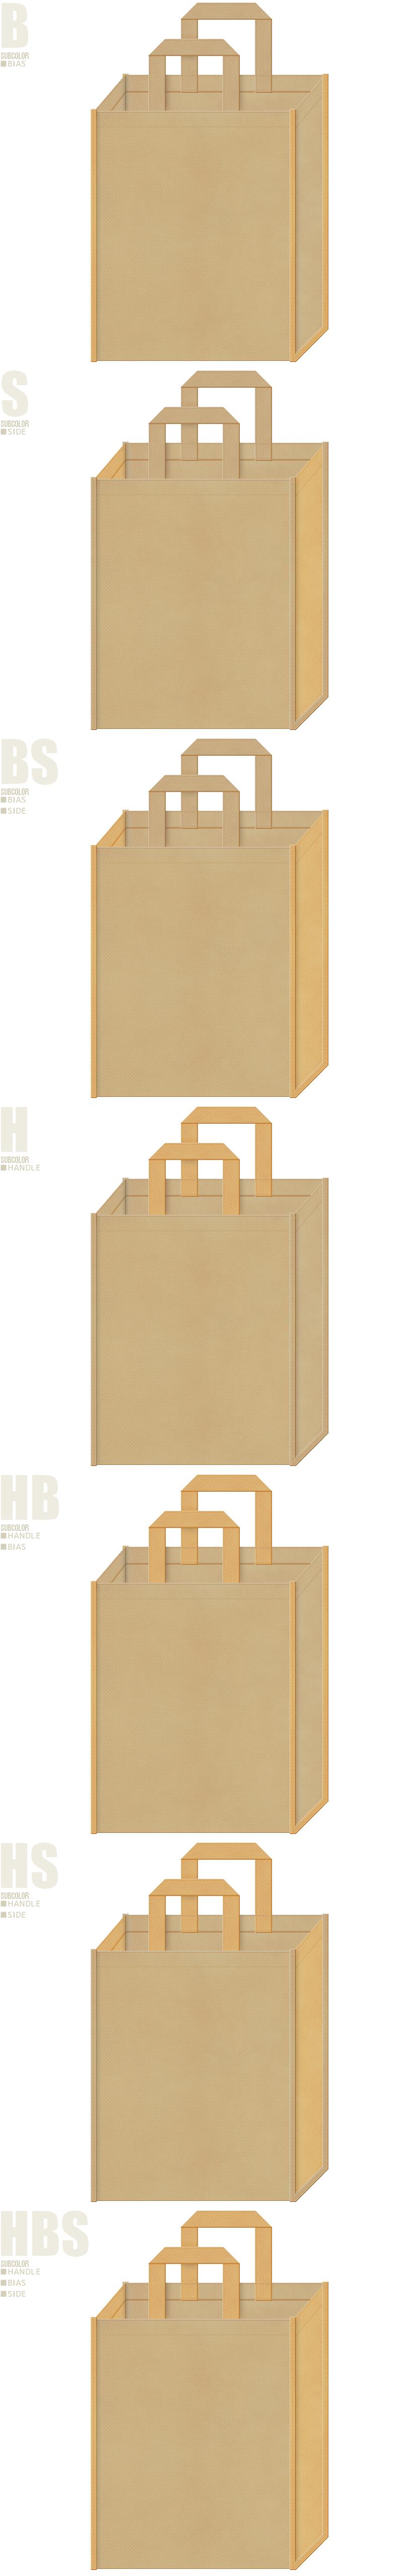 カーキ色と薄黄土色、7パターンの不織布トートバッグ配色デザイン例。